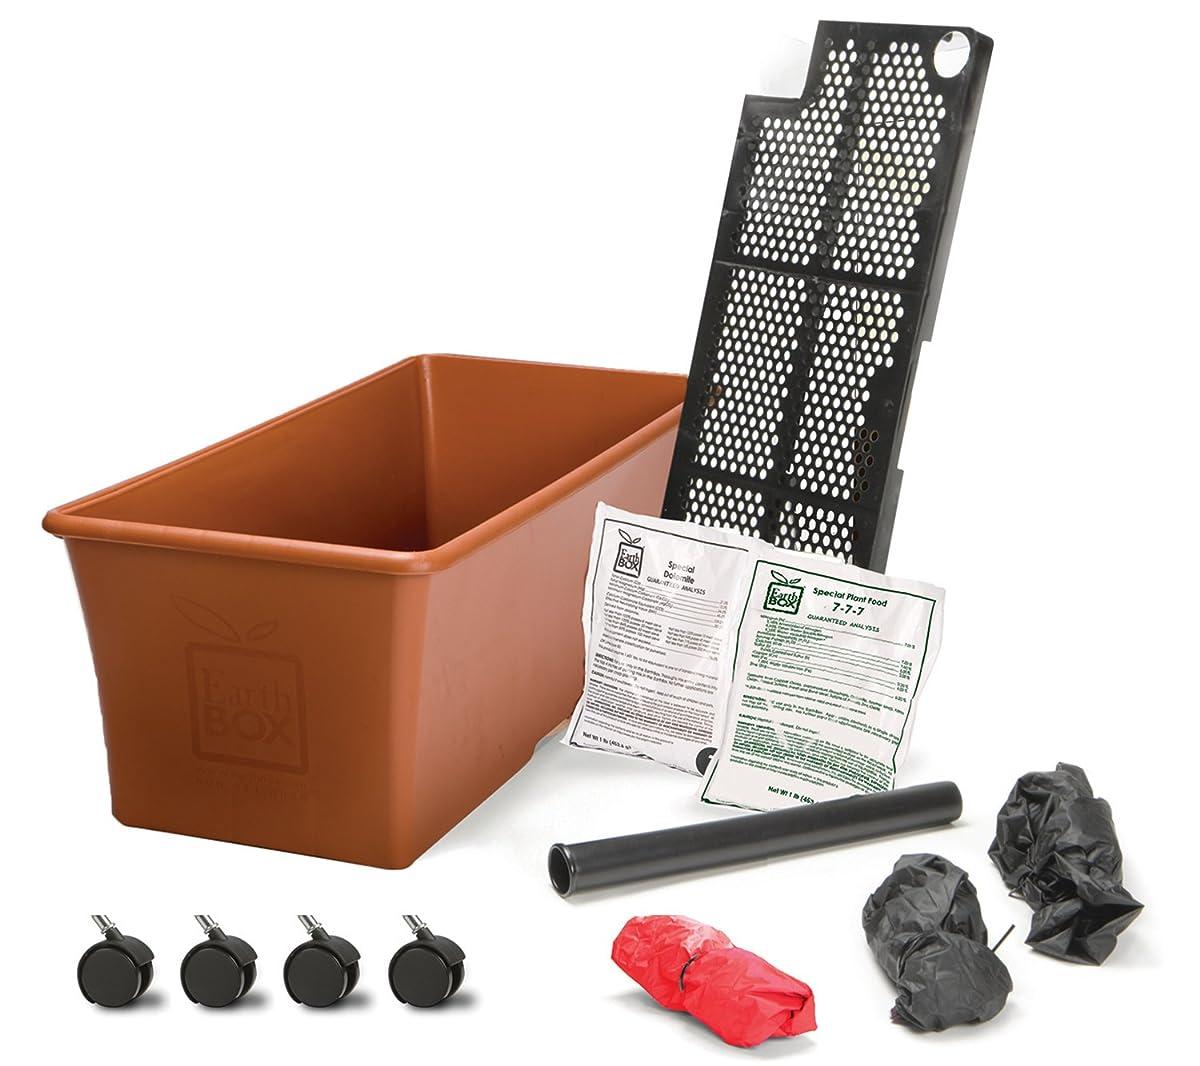 EarthBox 1010011 Garden Kit, Terra Cotta